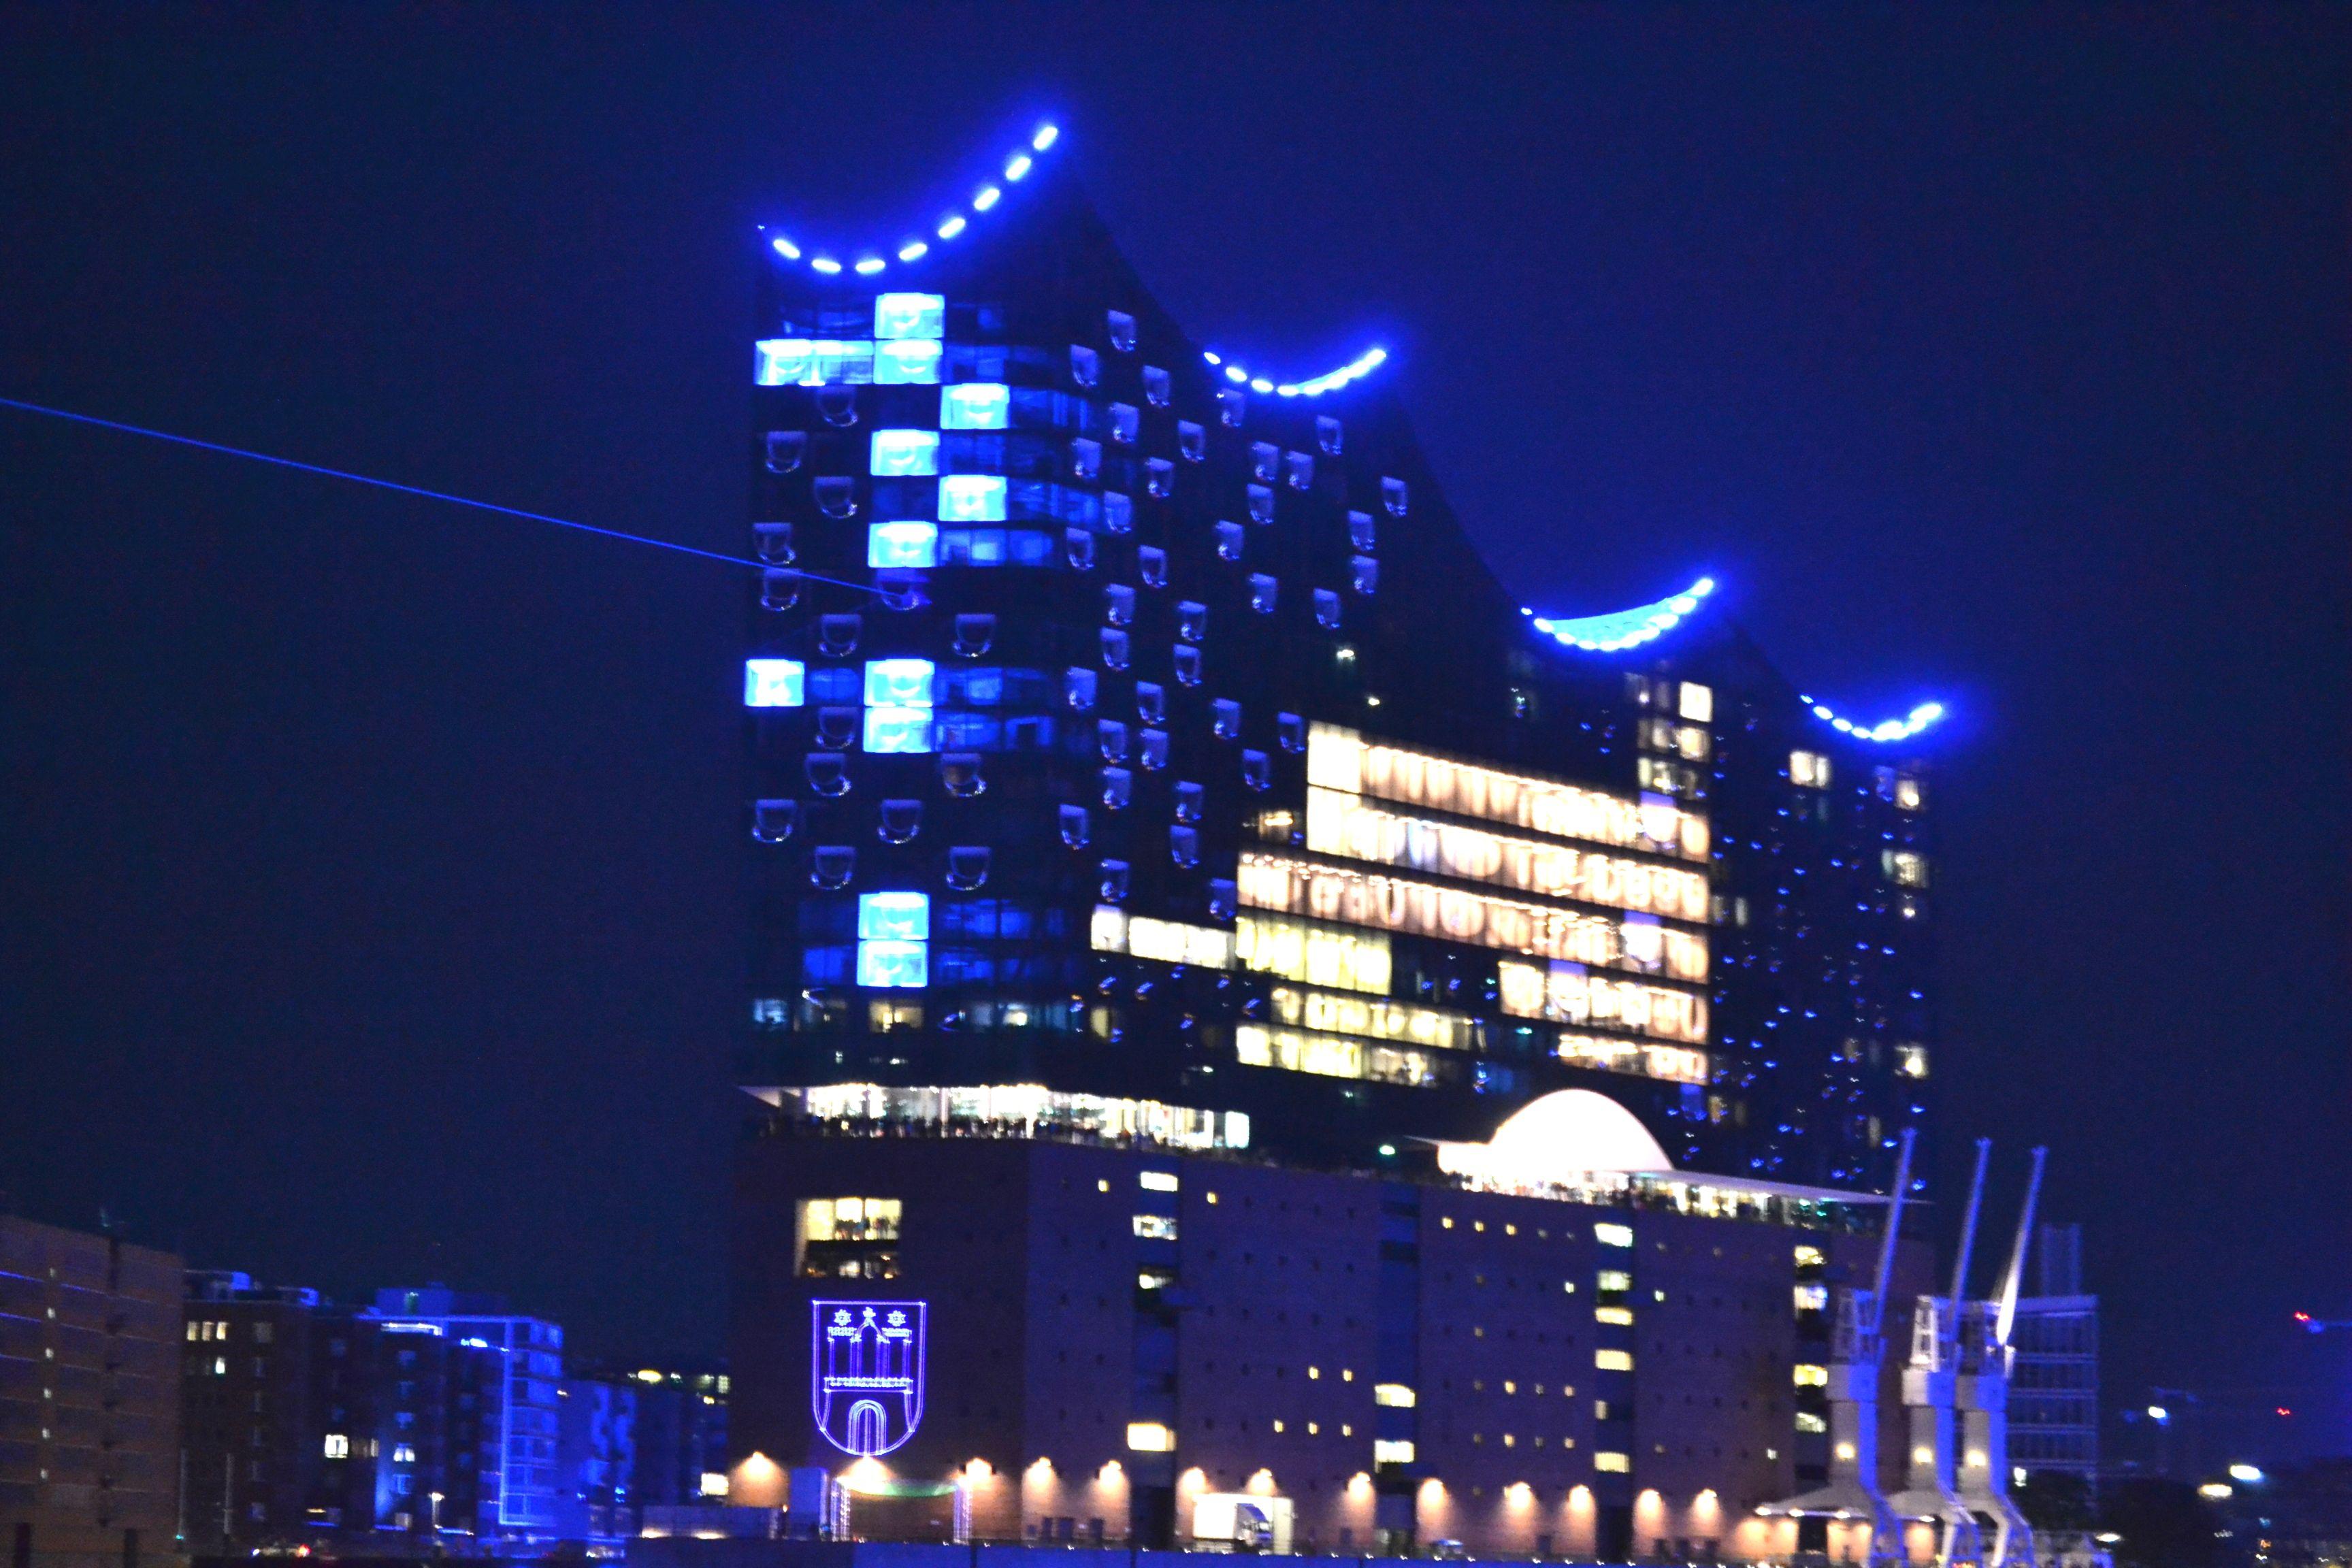 Elbphilharmonie Fuhrung Auf Der Plaza Hamburg Sehenswurdigkeiten Hamburg Containerterminal